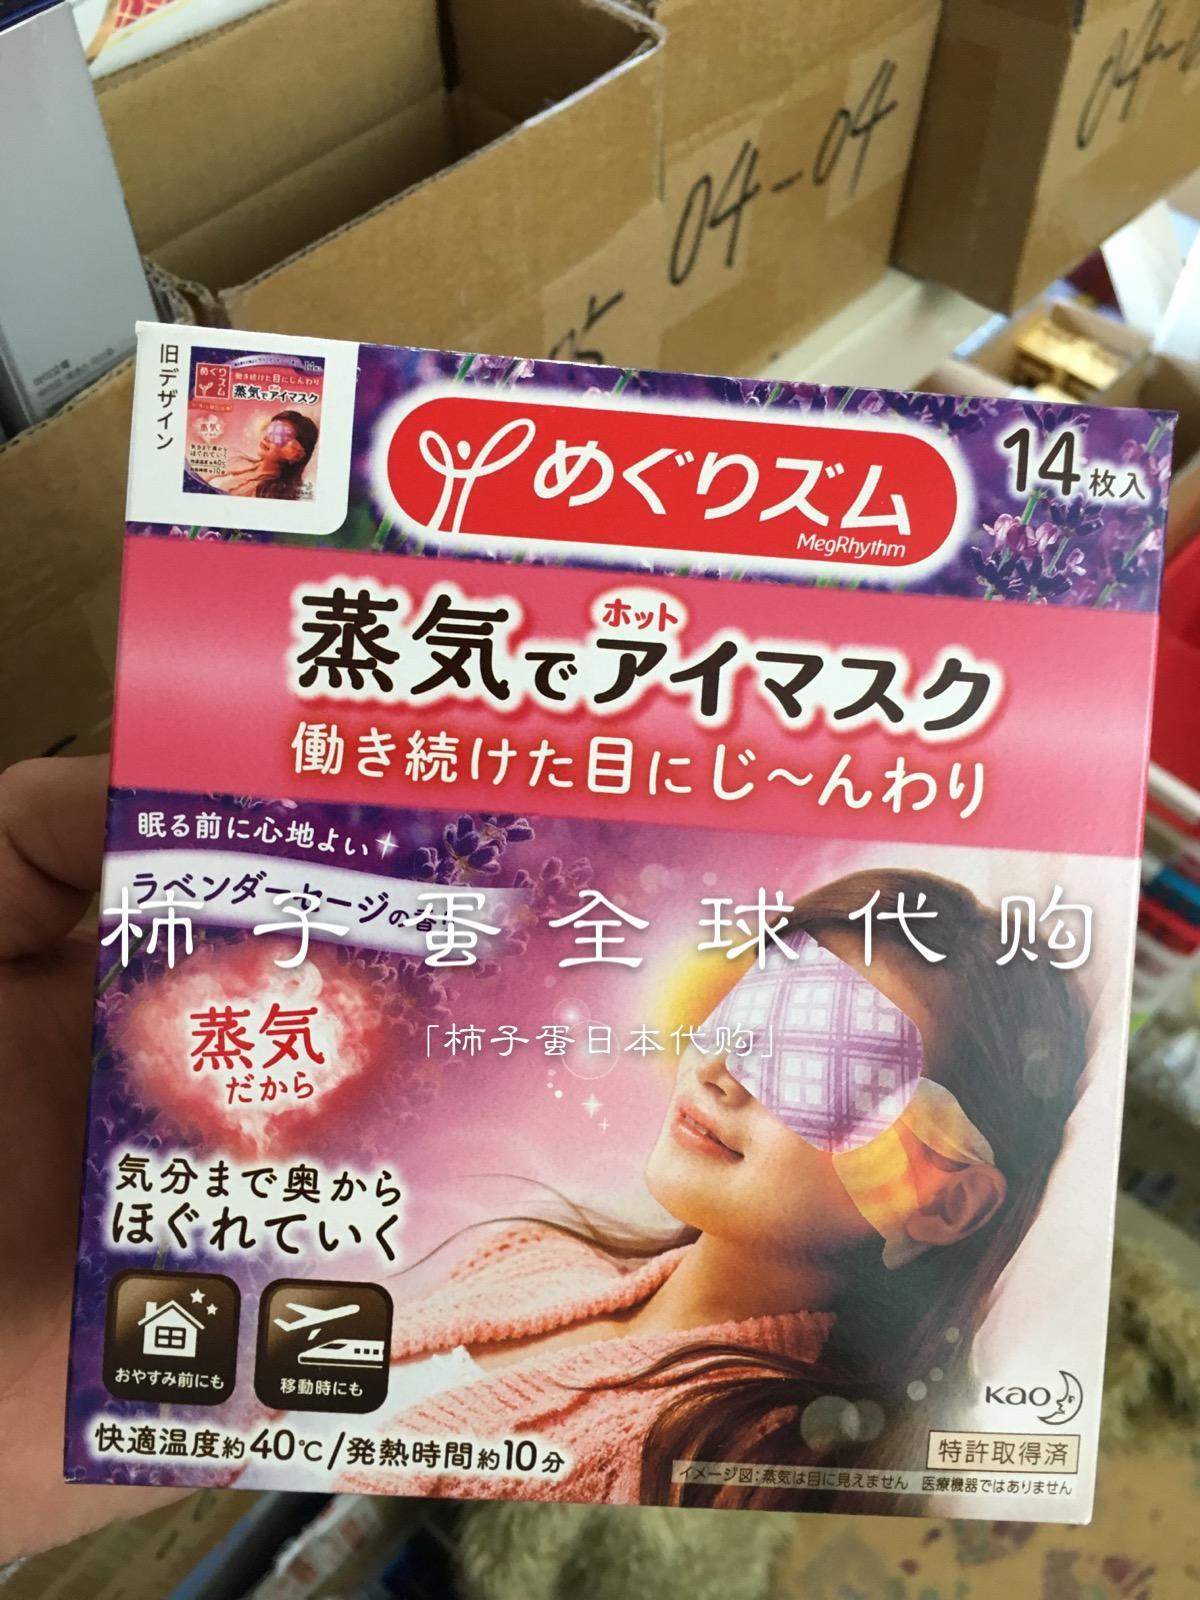 MINI Dixiu Kesemek Jepang Paket Asli Bunga Uap Raja Eyeshyze Demam Tidur Mata Lambat Menenangkan Yang saraf Daftar Slice-Intl